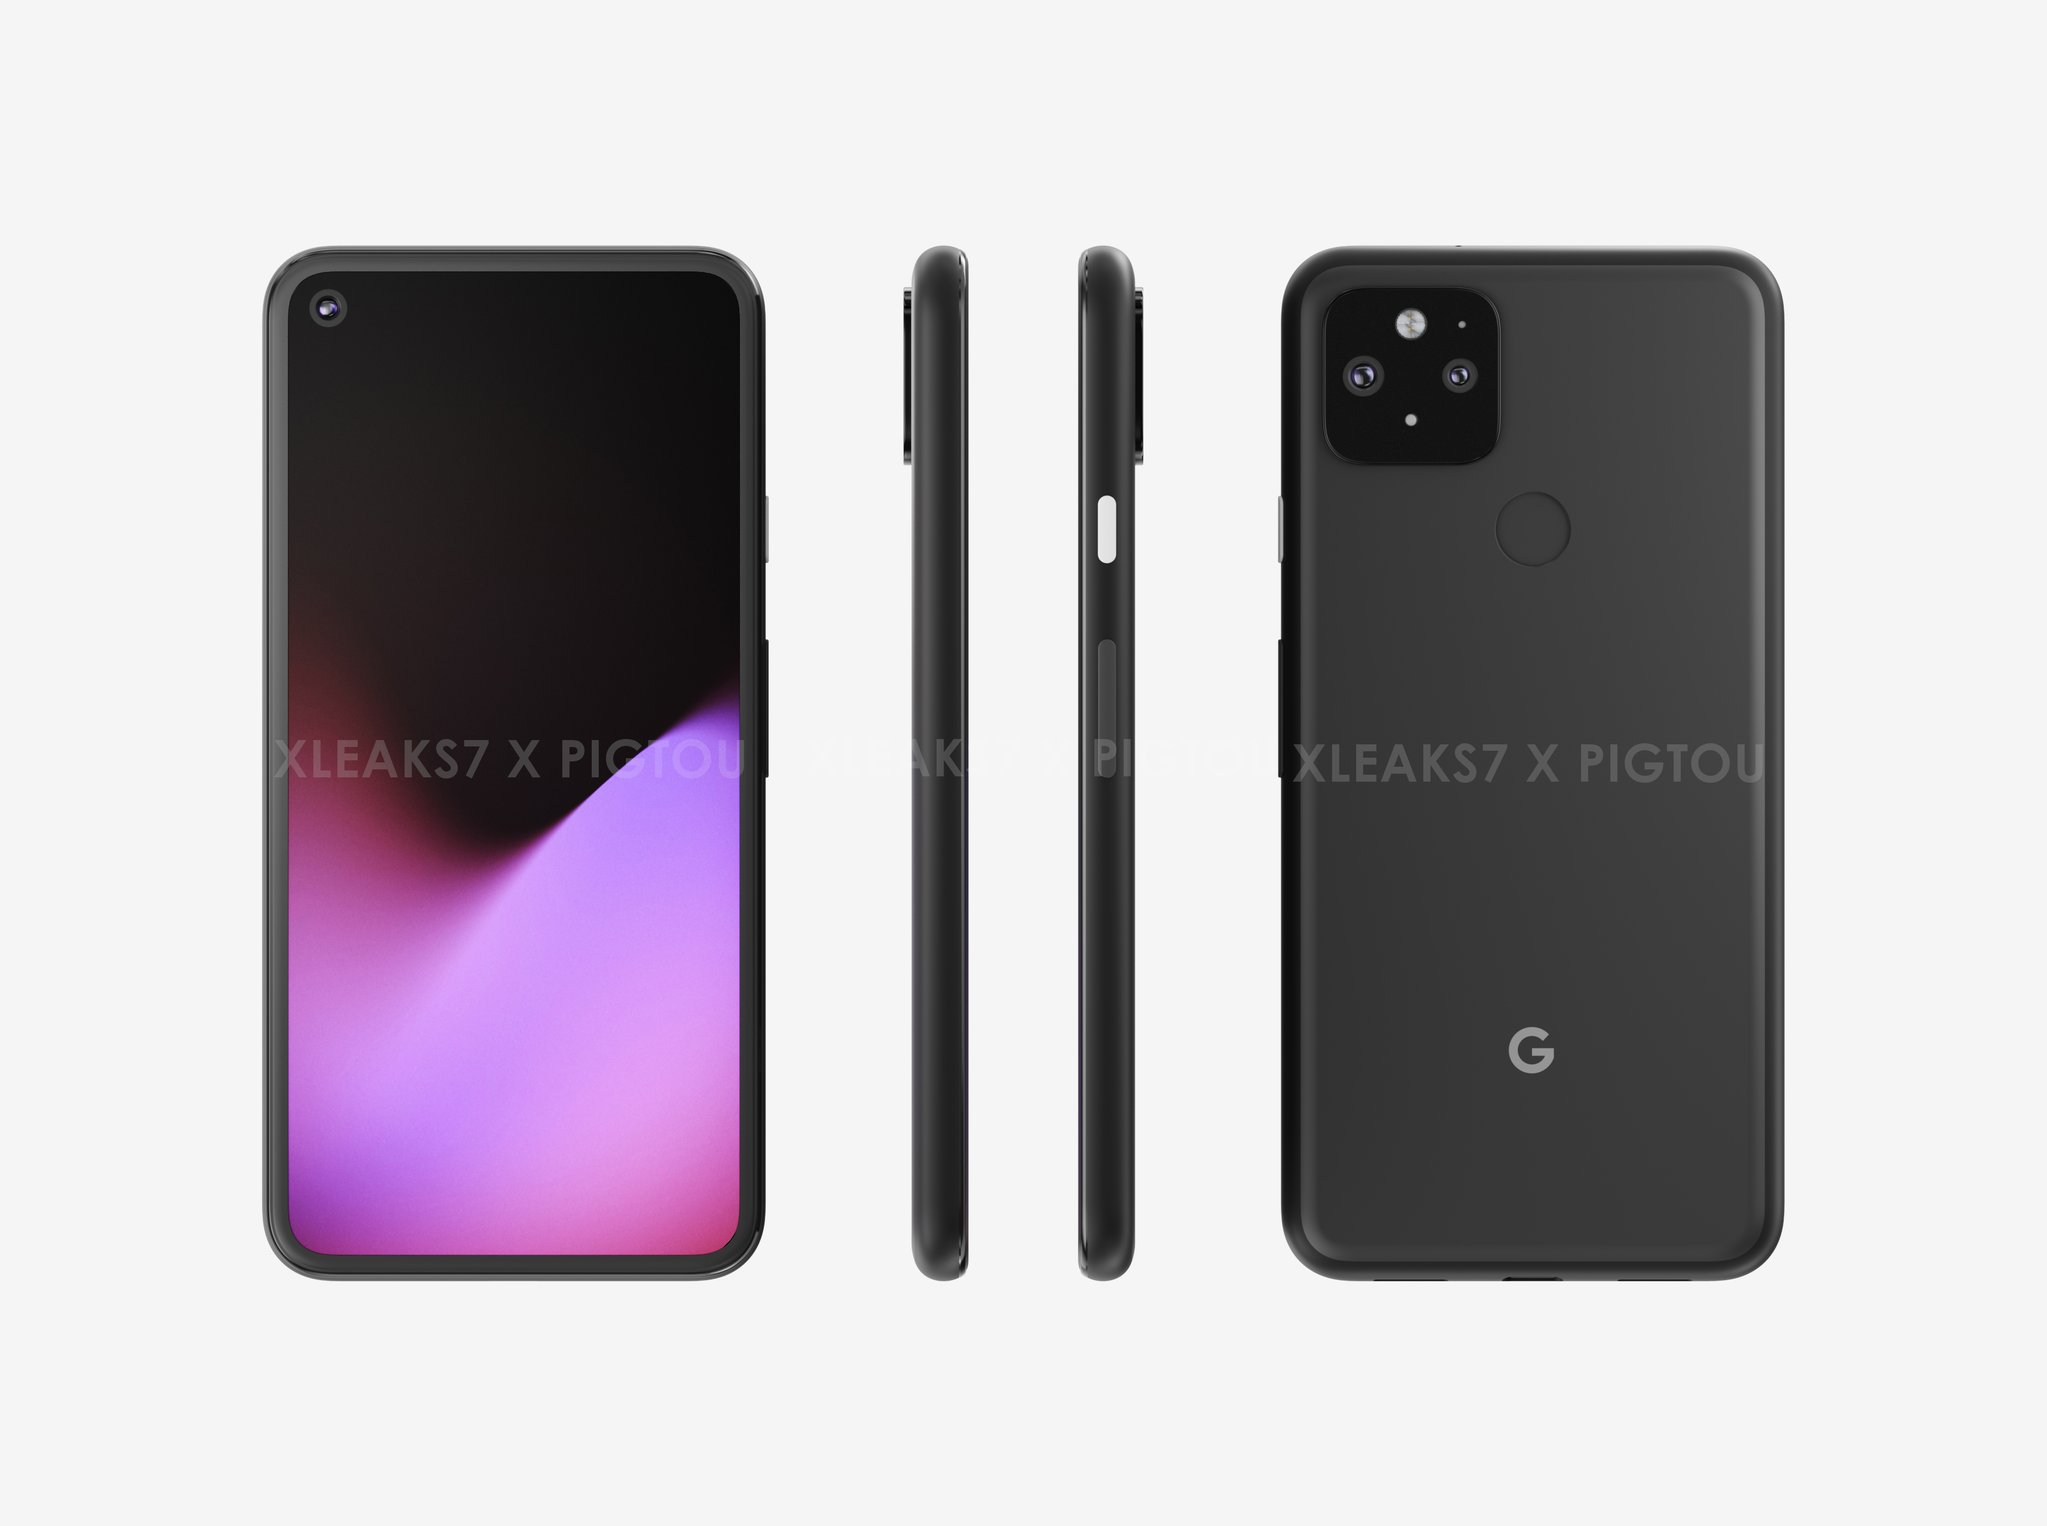 Le Pixel 5 ressemblera-t-il à ça ? - Crédits Pigtou